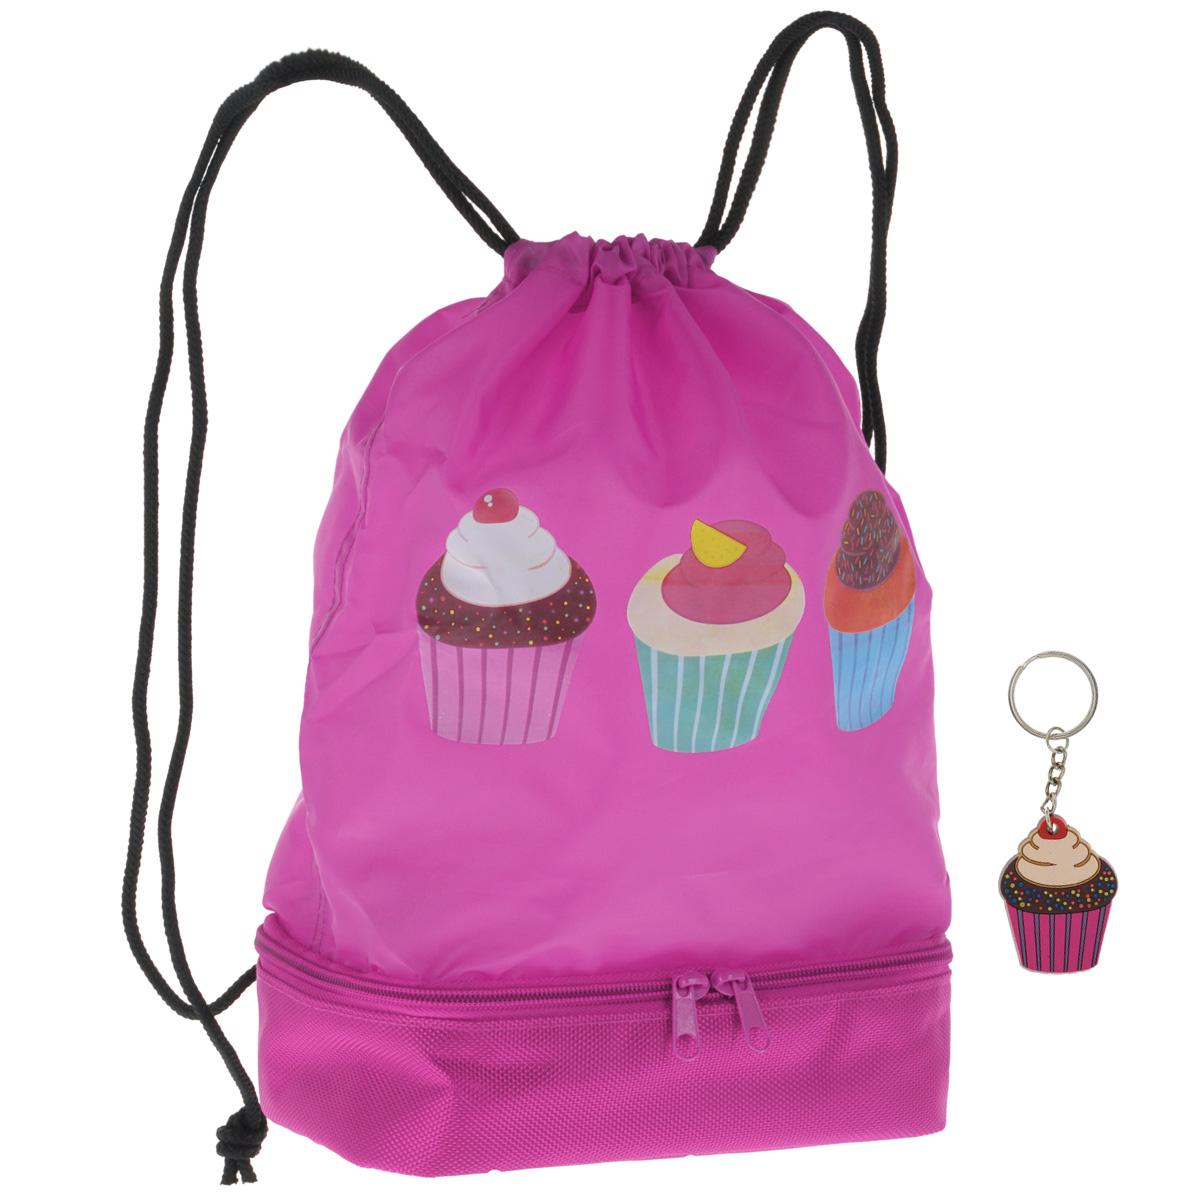 Рюкзак-термоланчбокс Iris Barcelona Snack Rico, цвет: розовый9927-TMВ рюкзаке Iris Barcelona Snack Rico два-в-одном найдется и место для целого обеда, который соберет заботливая мама, и место для всего, что может понадобиться в любой момент: халата или пижамы, свитера, дождевика, книжек, пенала и многого другого! Нижнее изотермическое отделение обладает большой вместительностью и позволяет взять с собой бутерброды, фрукты и разные сладости, а благодаря специальному сетчатому кармашку ребенок не забудет воспользоваться салфеткой. Можно носить как обычный рюкзак. Благодаря регулировке шнурков, можно выбрать наиболее удобную длину. В комплект входит подарок - забавный брелок для ключей из коллекции Snack Rico.